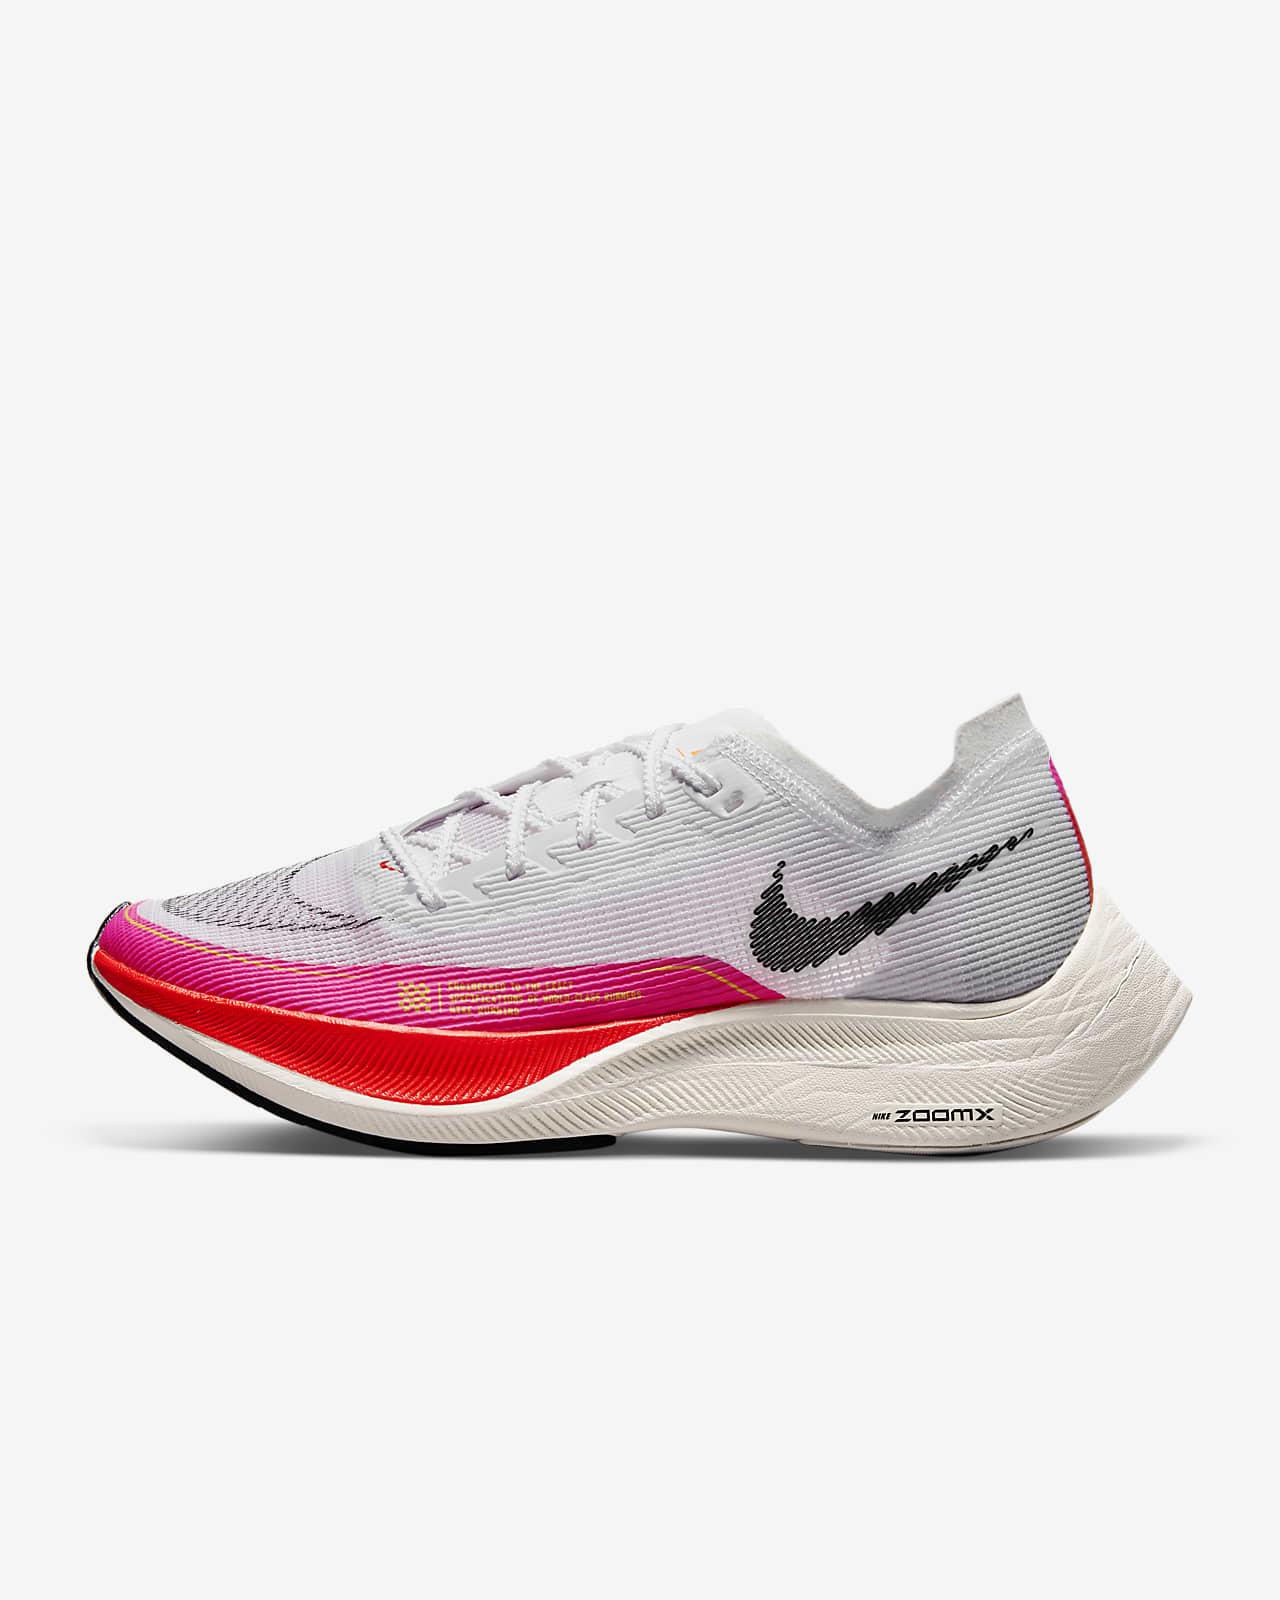 Chaussure de course sur route Nike ZoomX Vaporfly Next%2 pour Femme